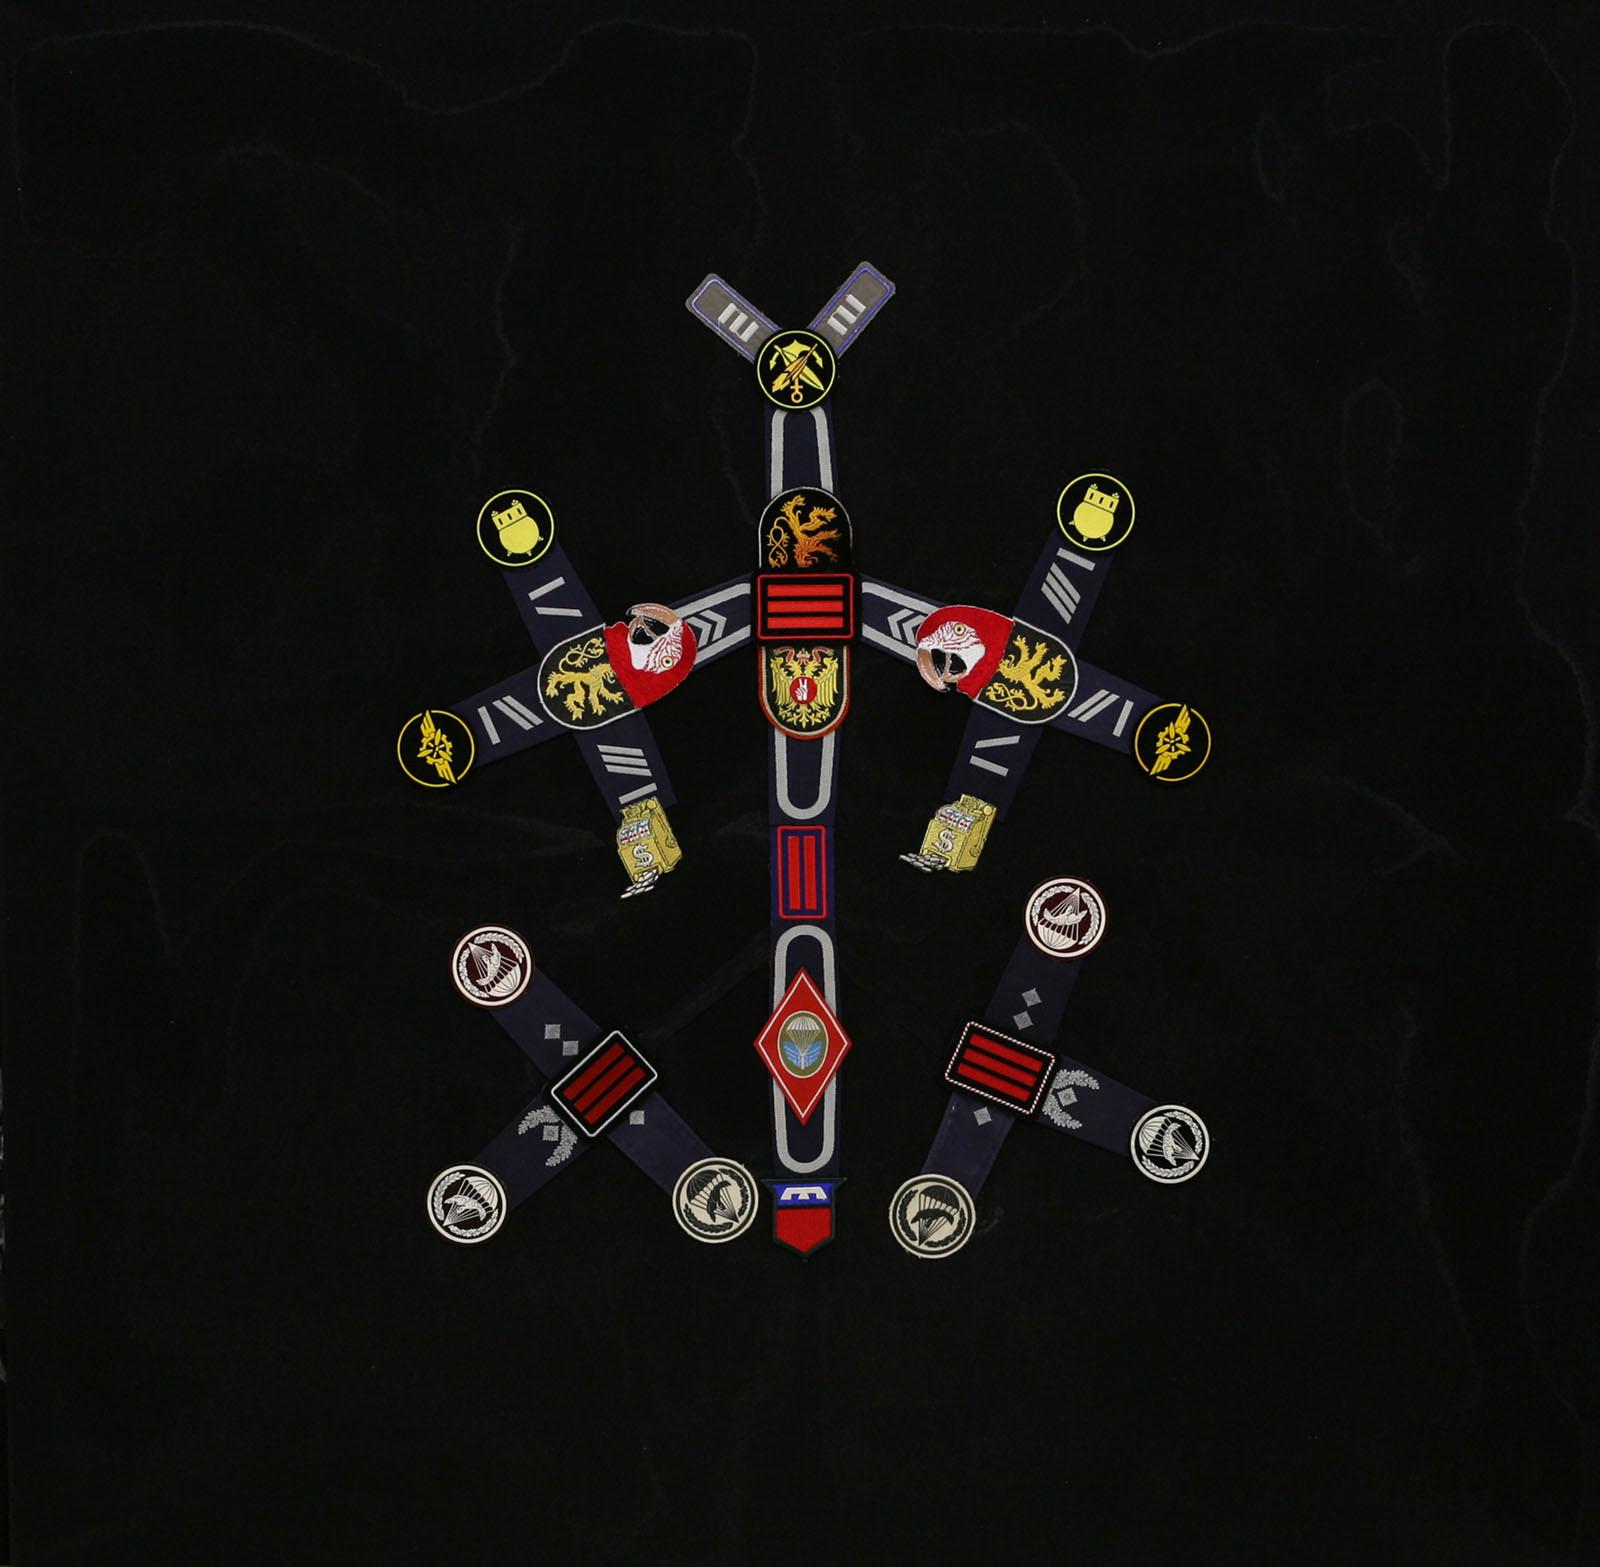 """""""Zweiter Festschmuck für einen Flußpferdschädel"""" aus """"Krähen Kommen -Titanweiß"""", 2008, 130 x 130 cm, Applikationen auf Leinwand"""